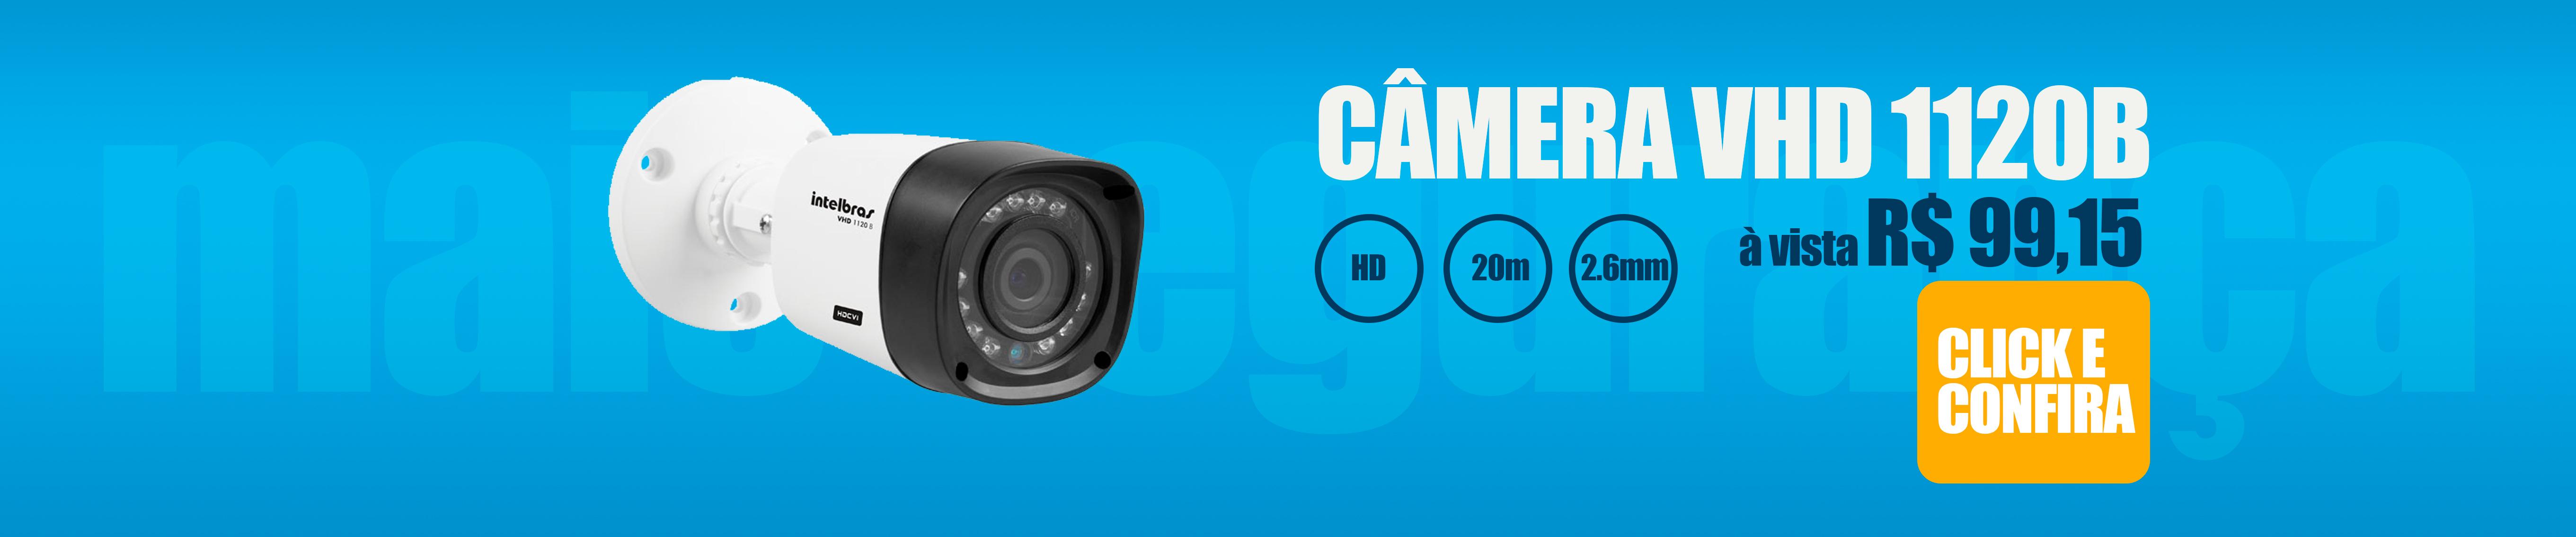 CAMERA VHD 1120 B G4